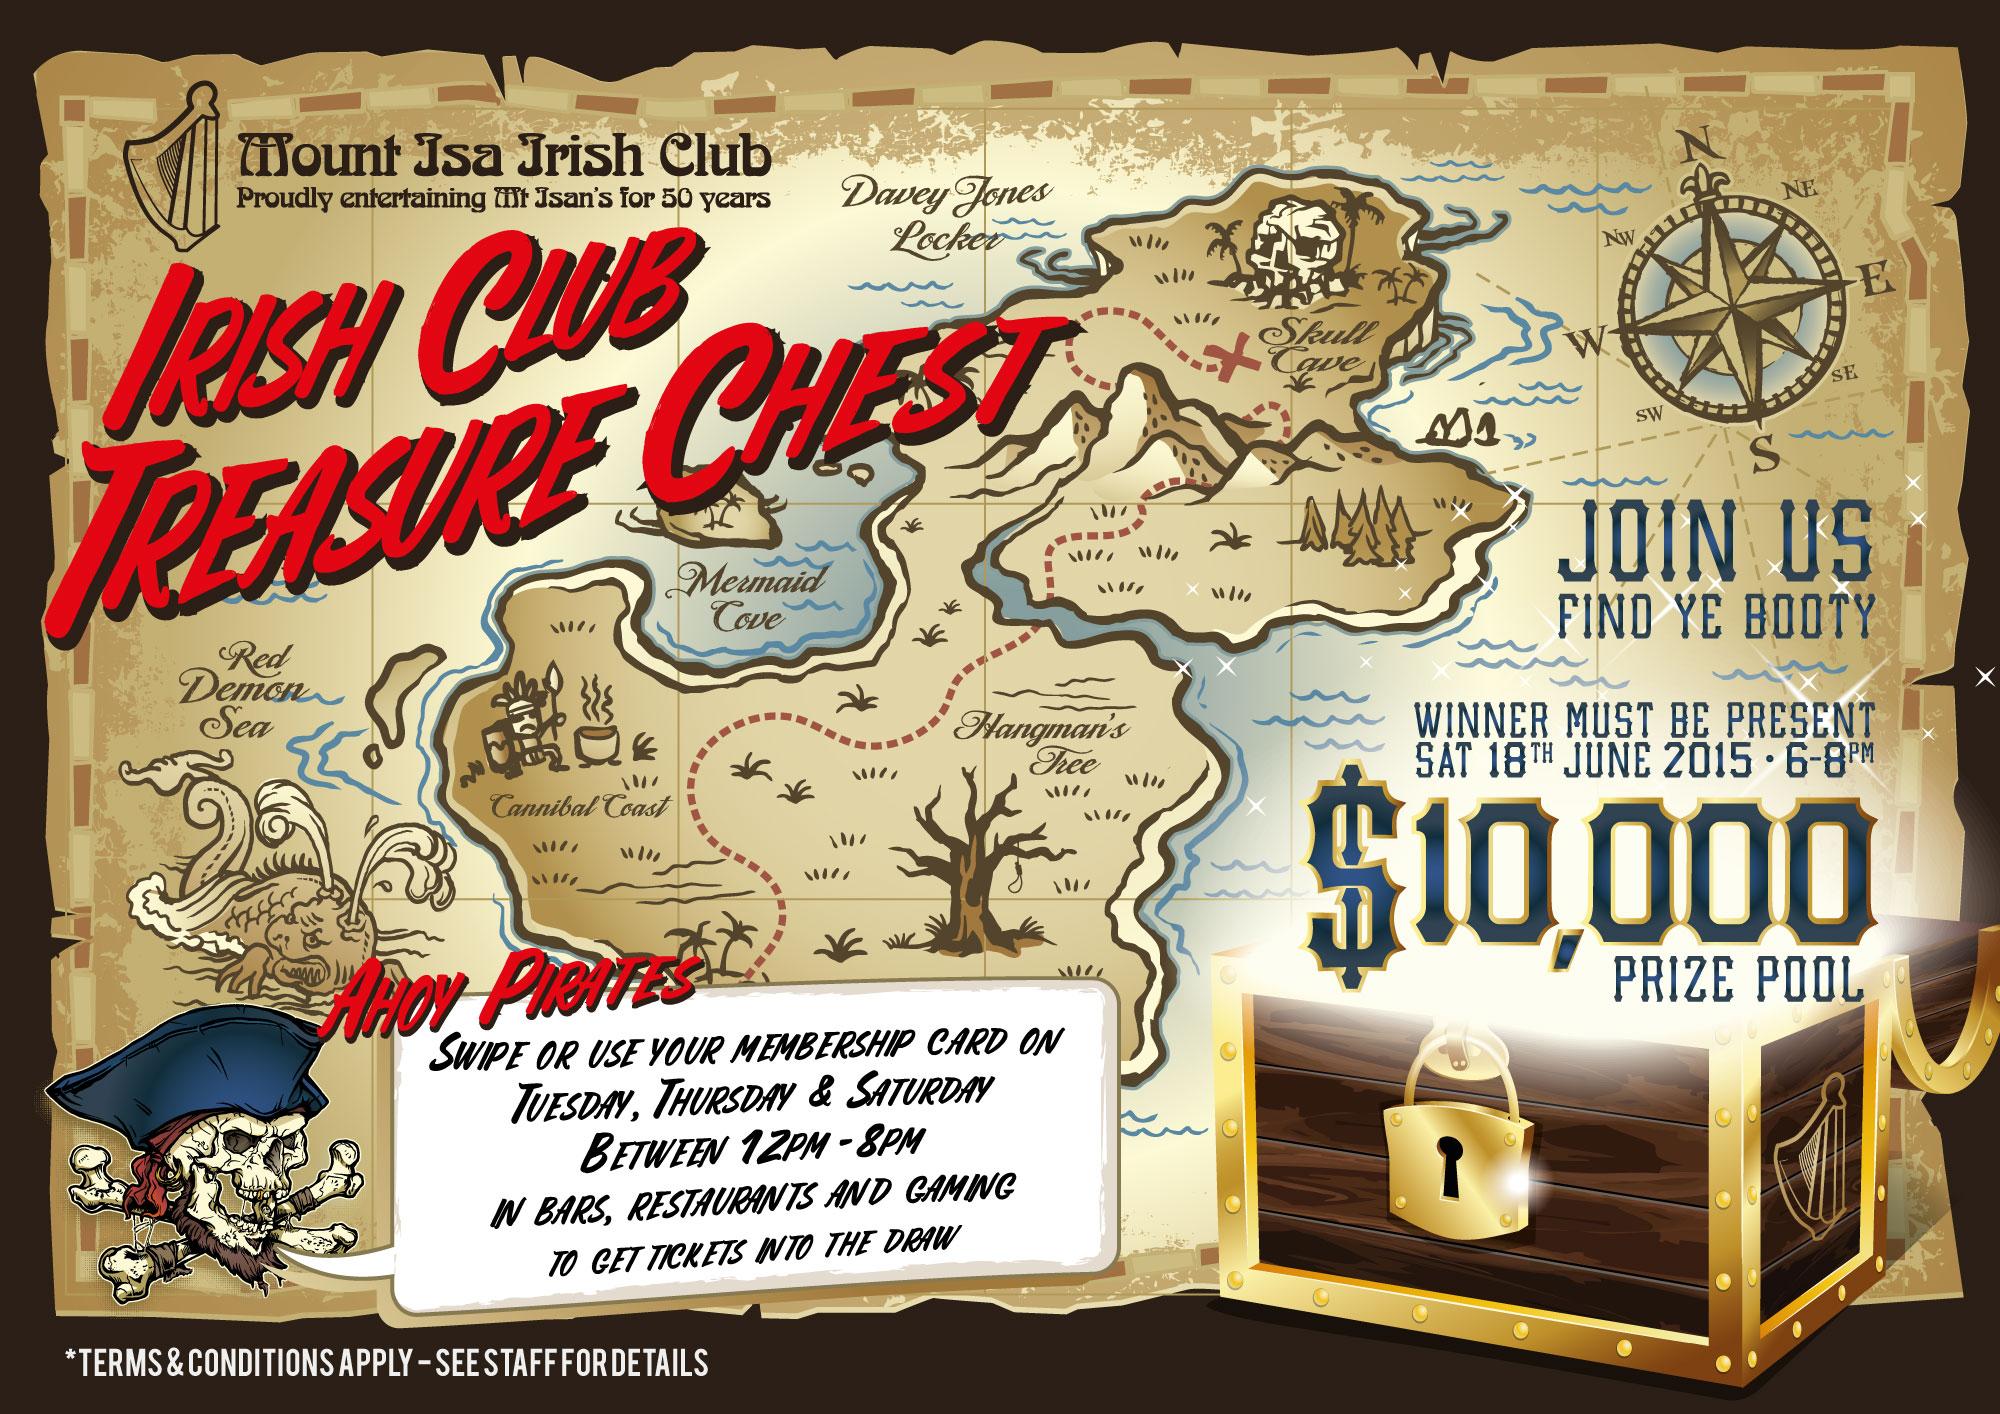 The-Rish---Treasure-Chest